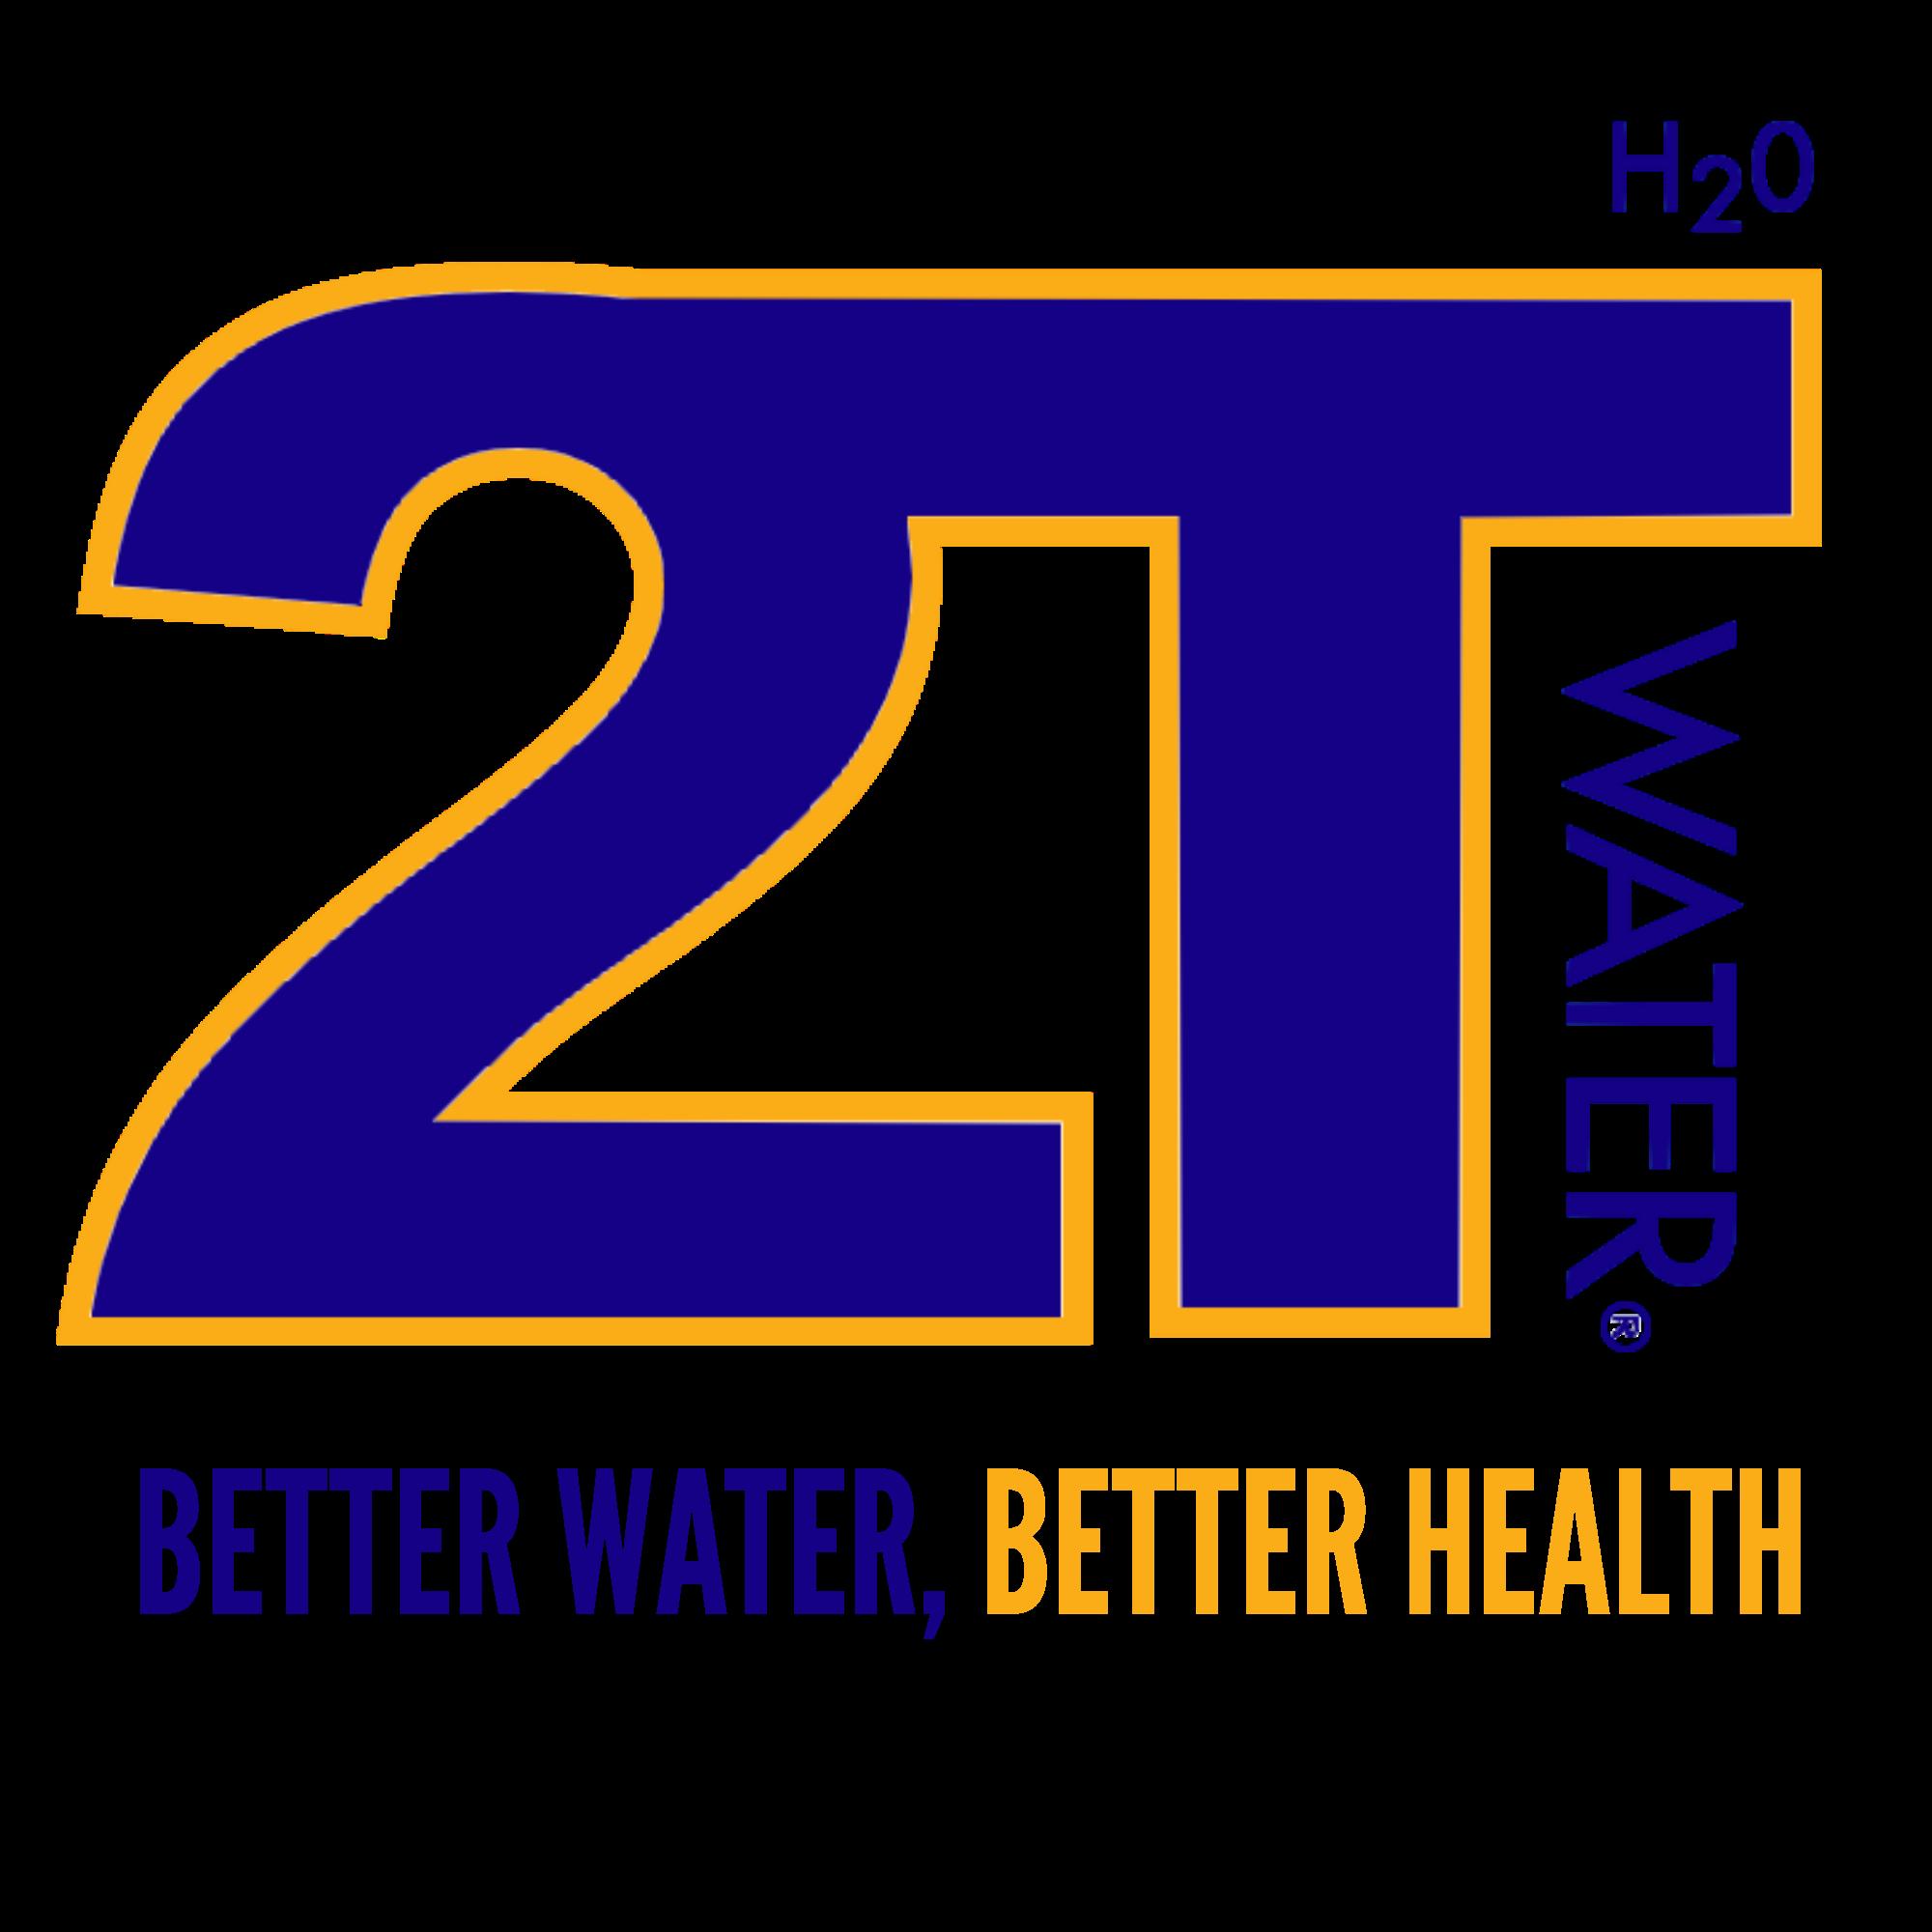 2T WATER BLUE 2016 (1)